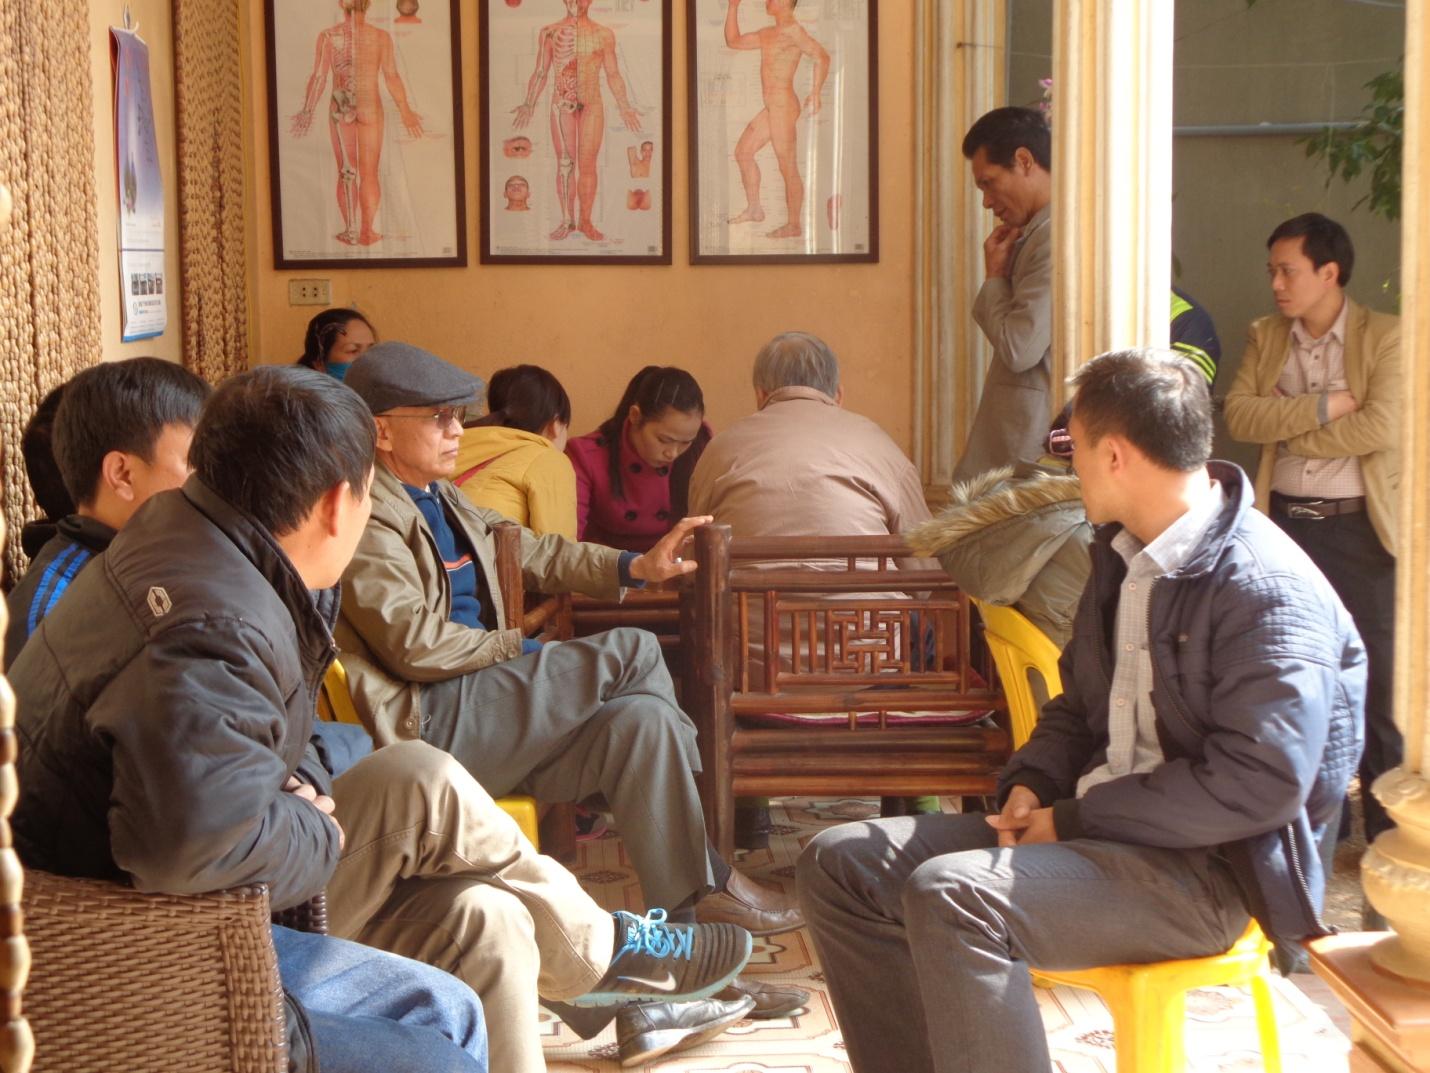 Rất đông bệnh nhân bỏ cả ăn trưa để xếp hàng giữ chỗ và chờ khám vào buổi chiều